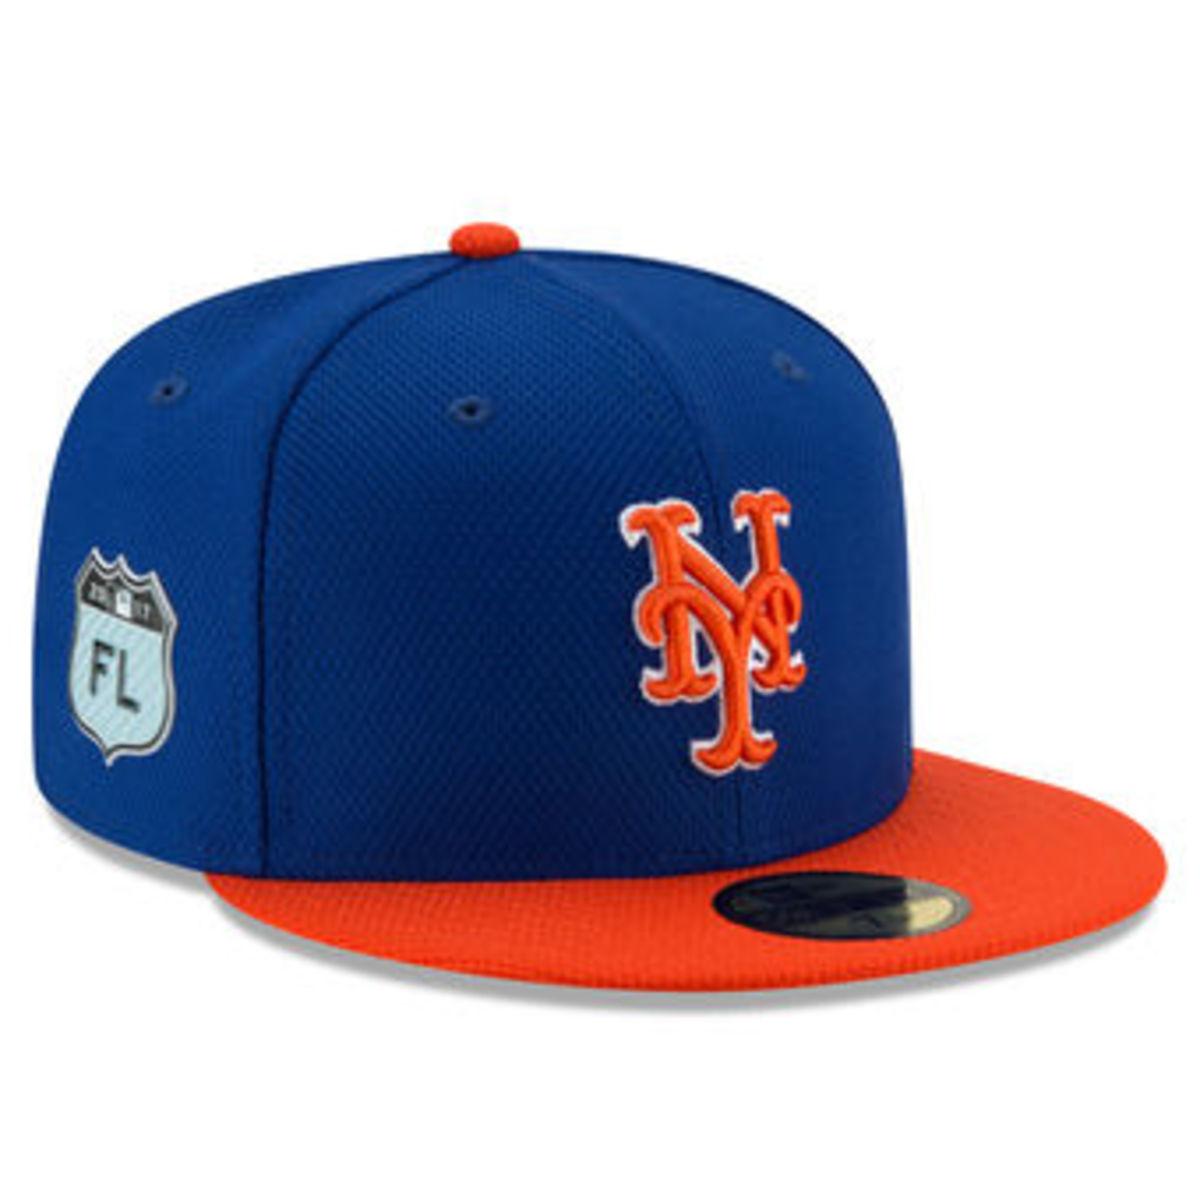 mets-spring-training-hat.jpg